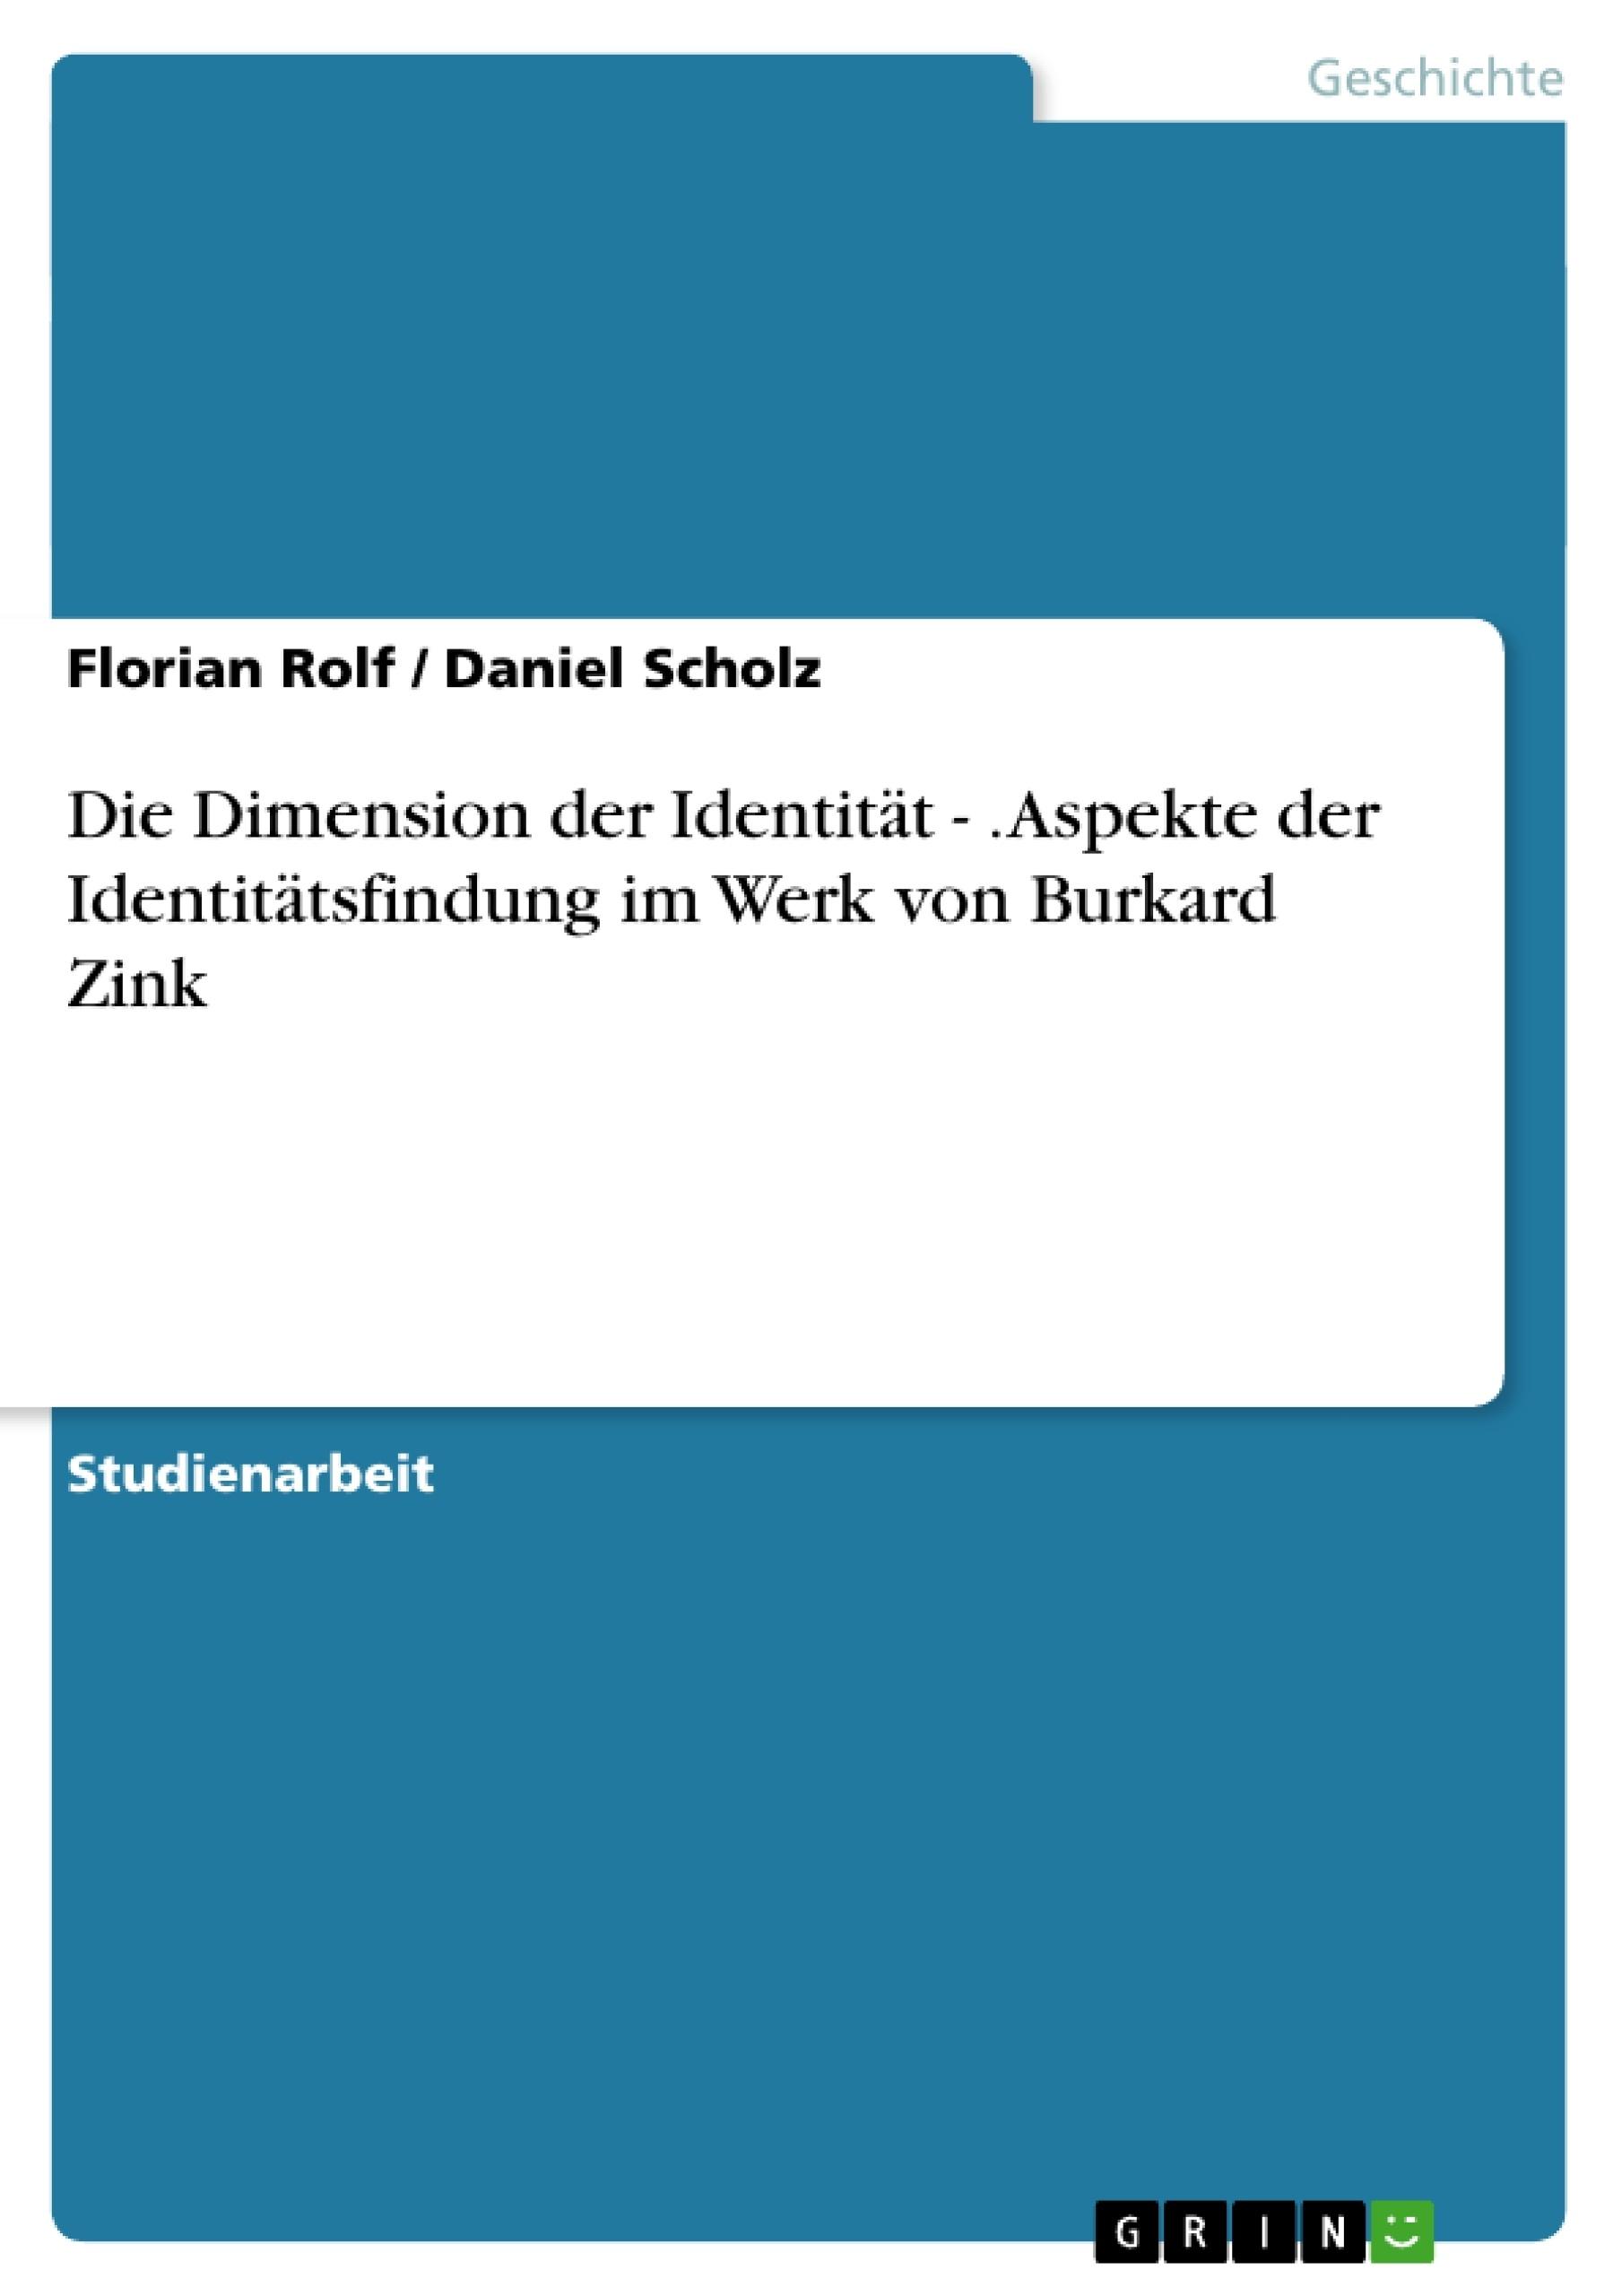 Titel: Die Dimension der Identität - . Aspekte der Identitätsfindung im Werk von Burkard Zink